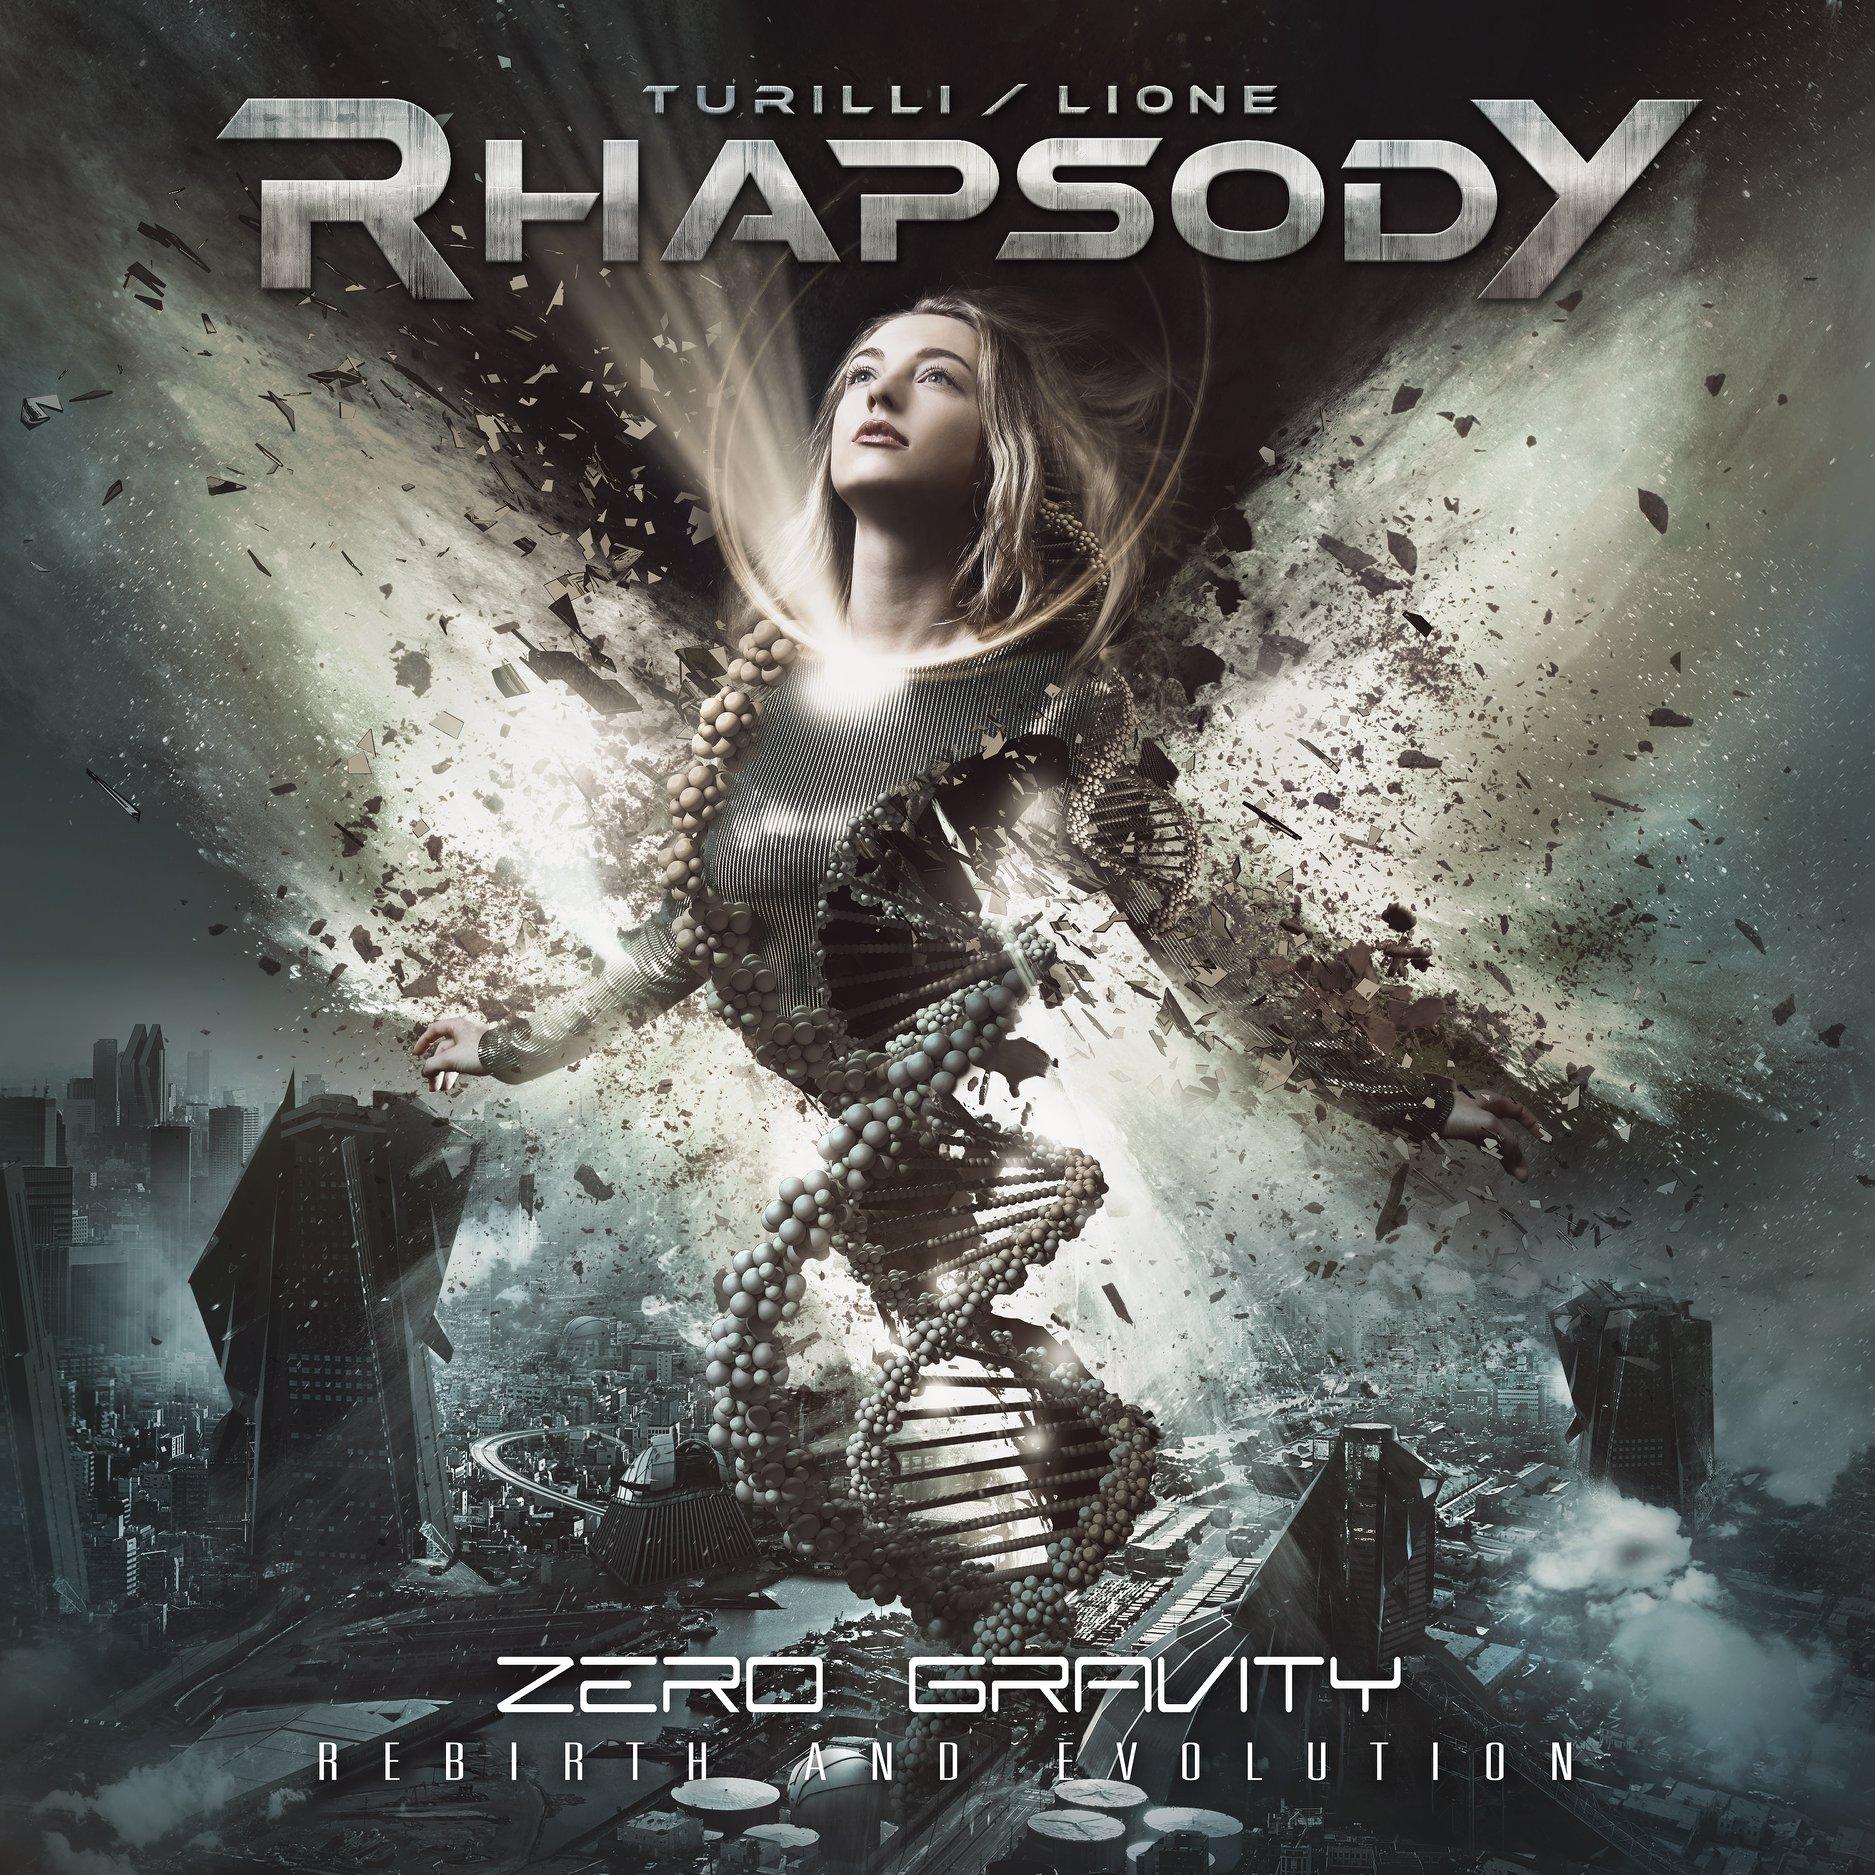 Turilli / Lione RHAPSODY - »Zero Gravity (Rebirth And Evolution)«